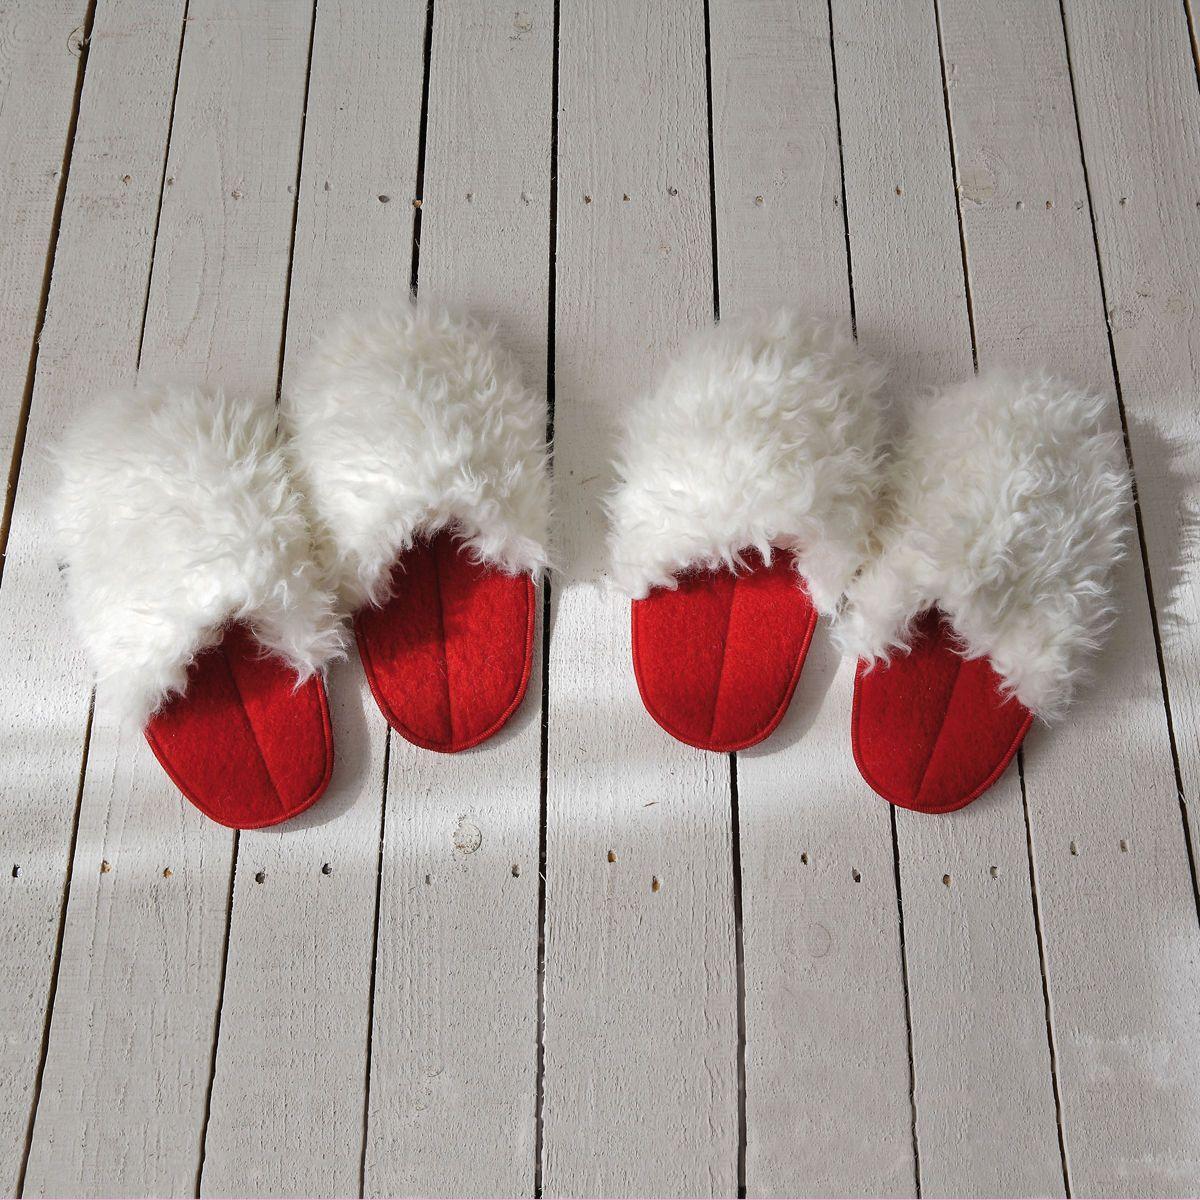 ciabattone in pile rosso e pelliccia sintetica bianca